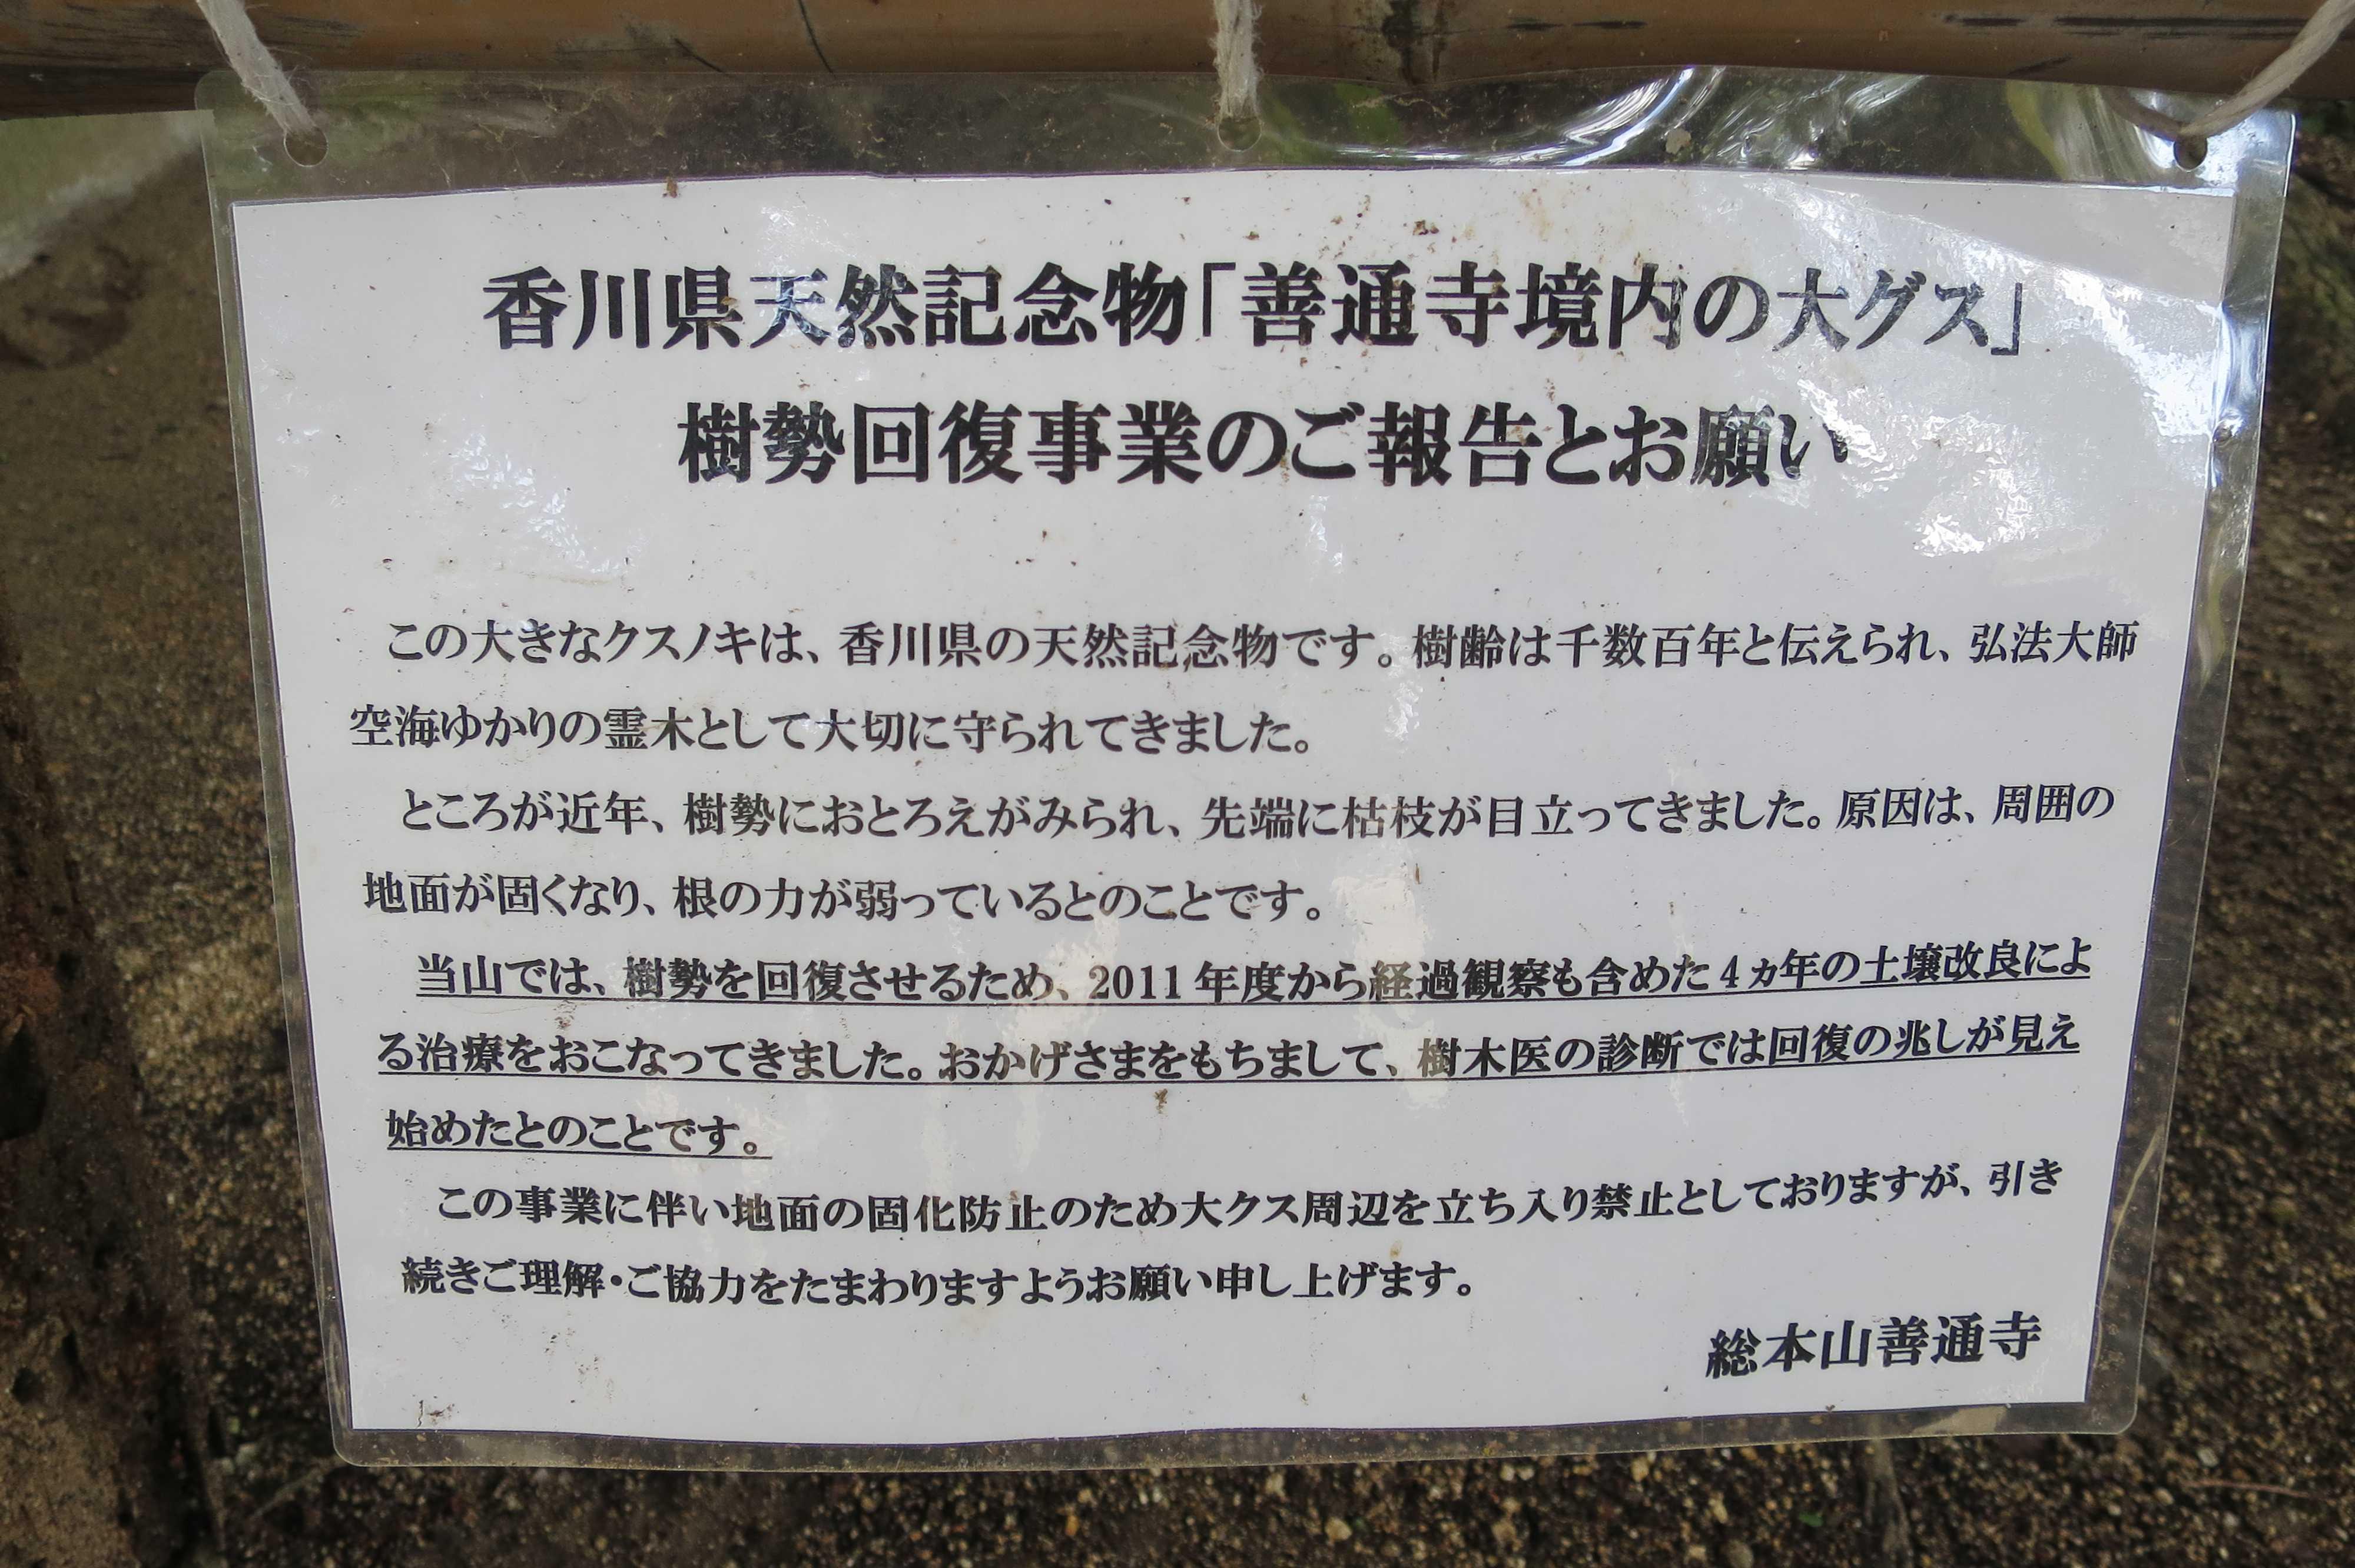 香川県天然記念物「善通寺境内の大グス」